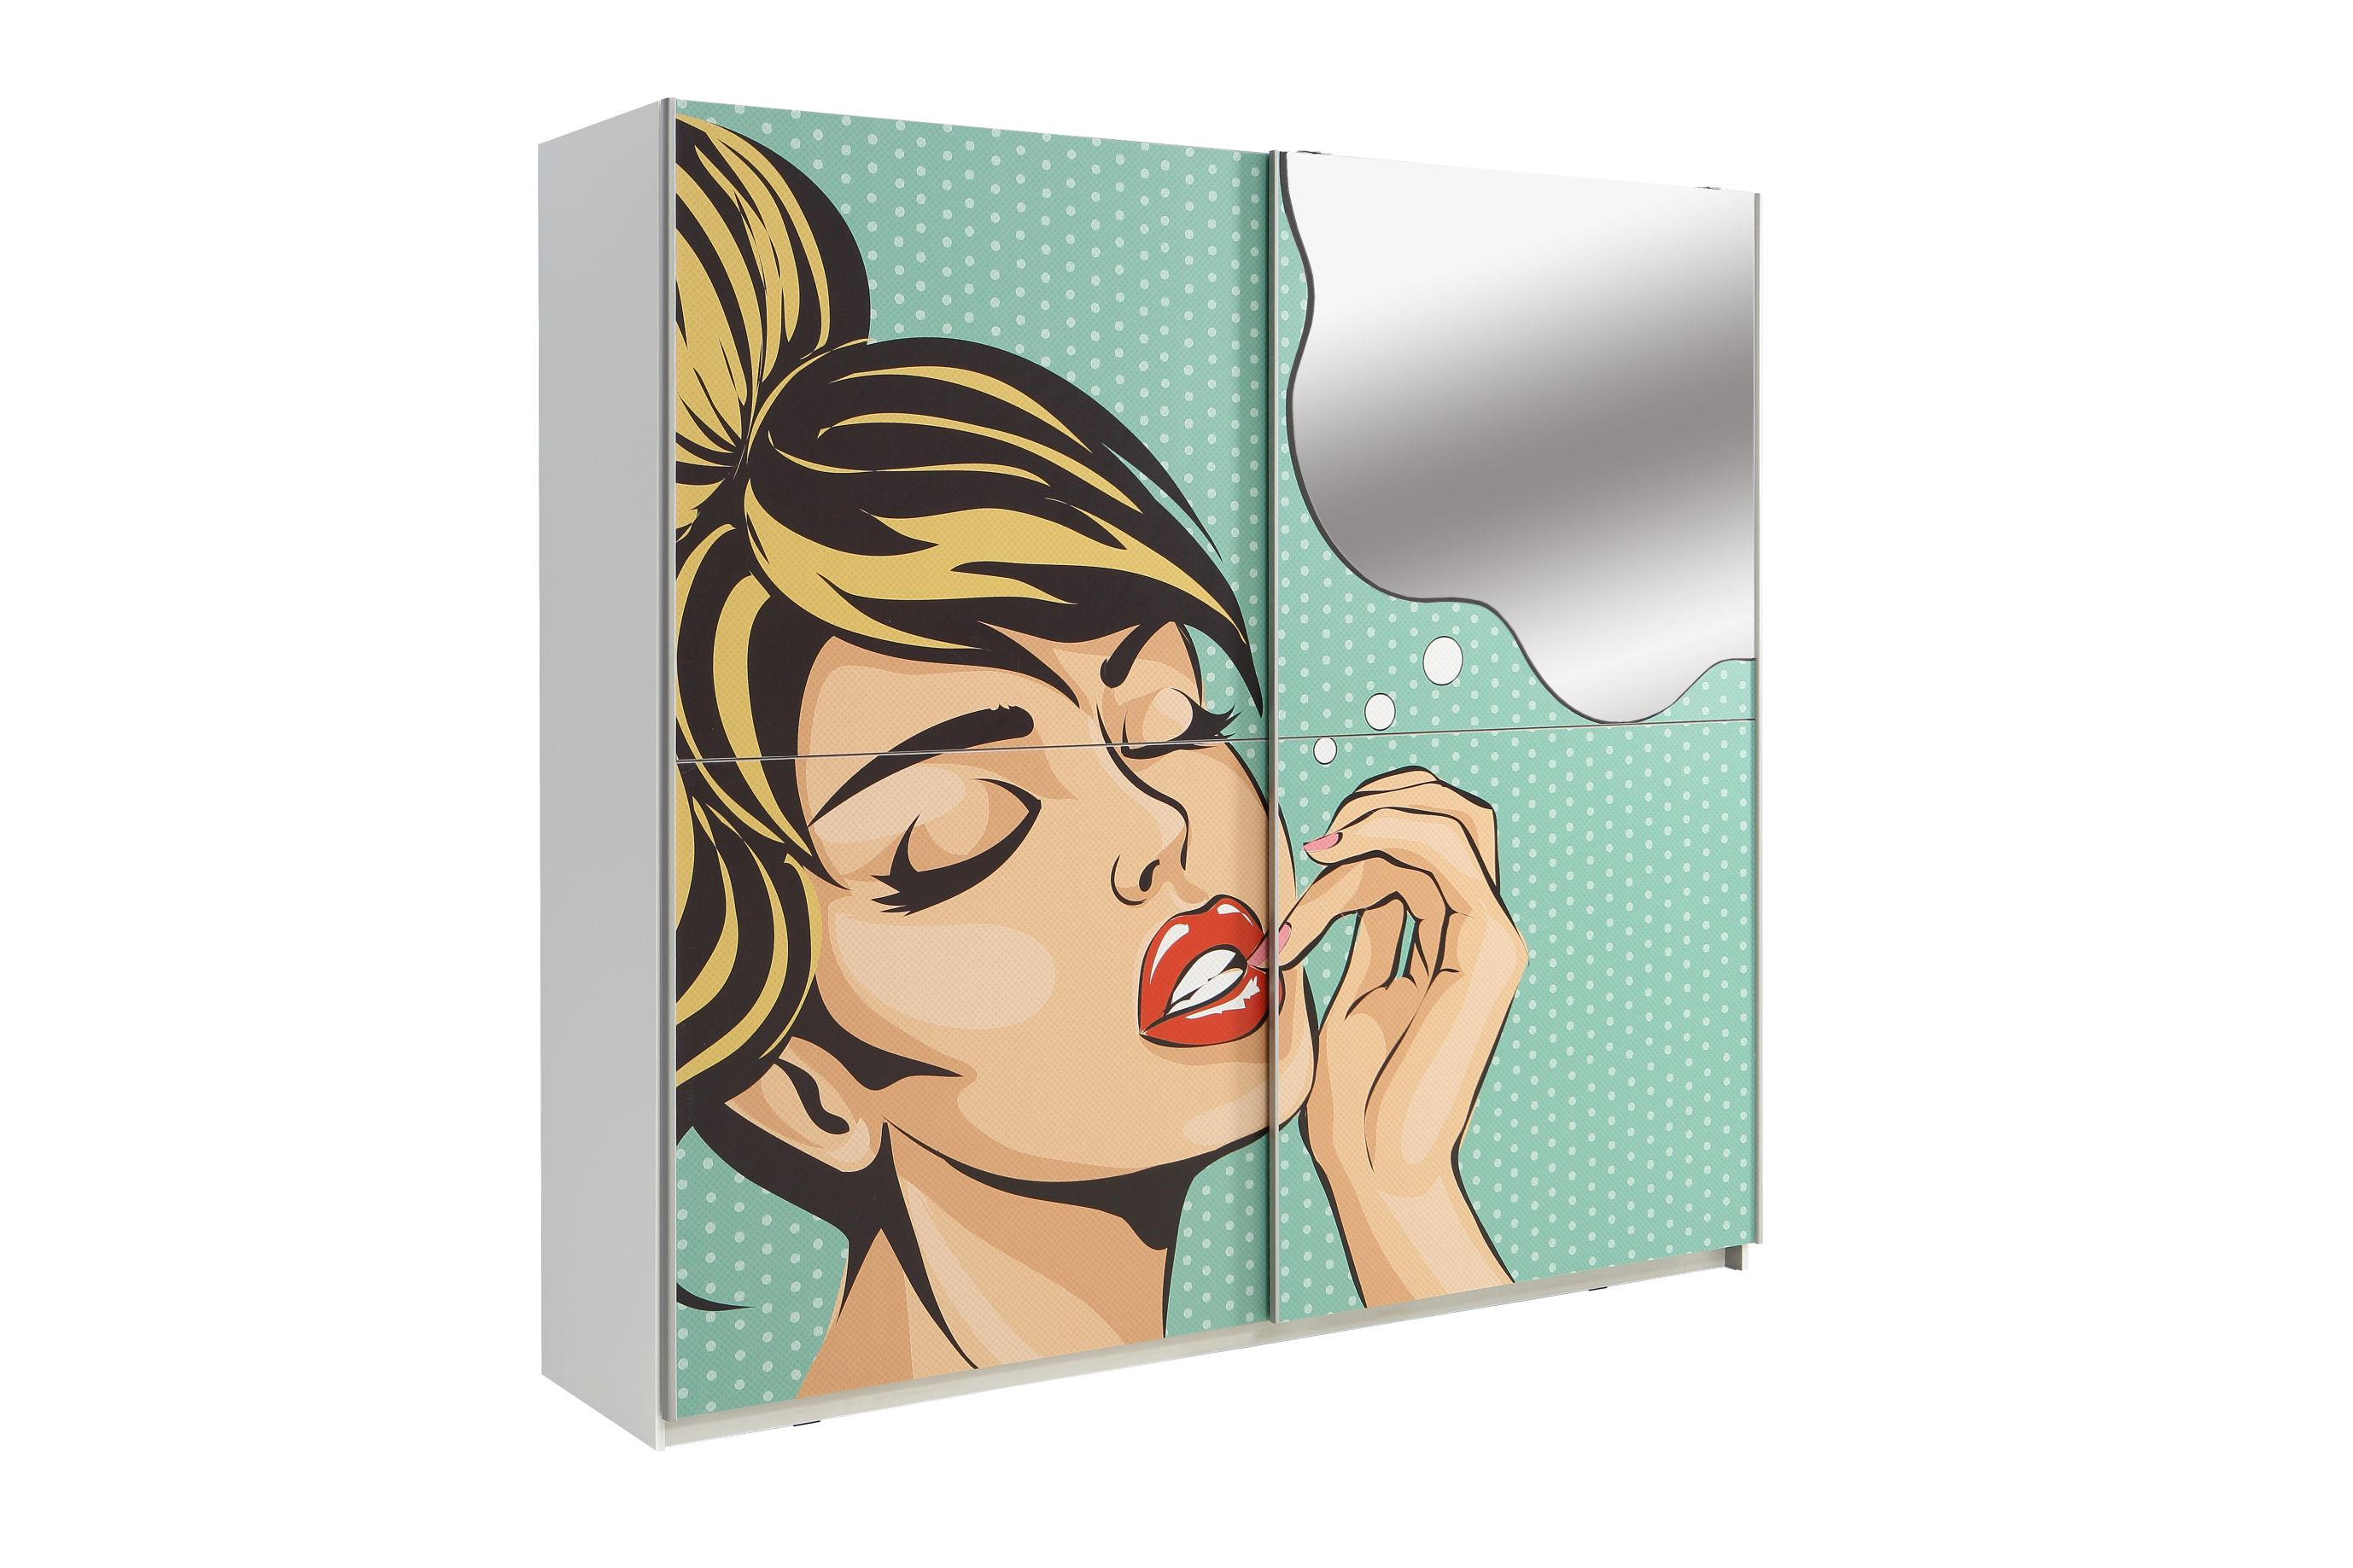 Schweber 220 cm breit Plakato von Forte Motiv Pop 07 / Weiss